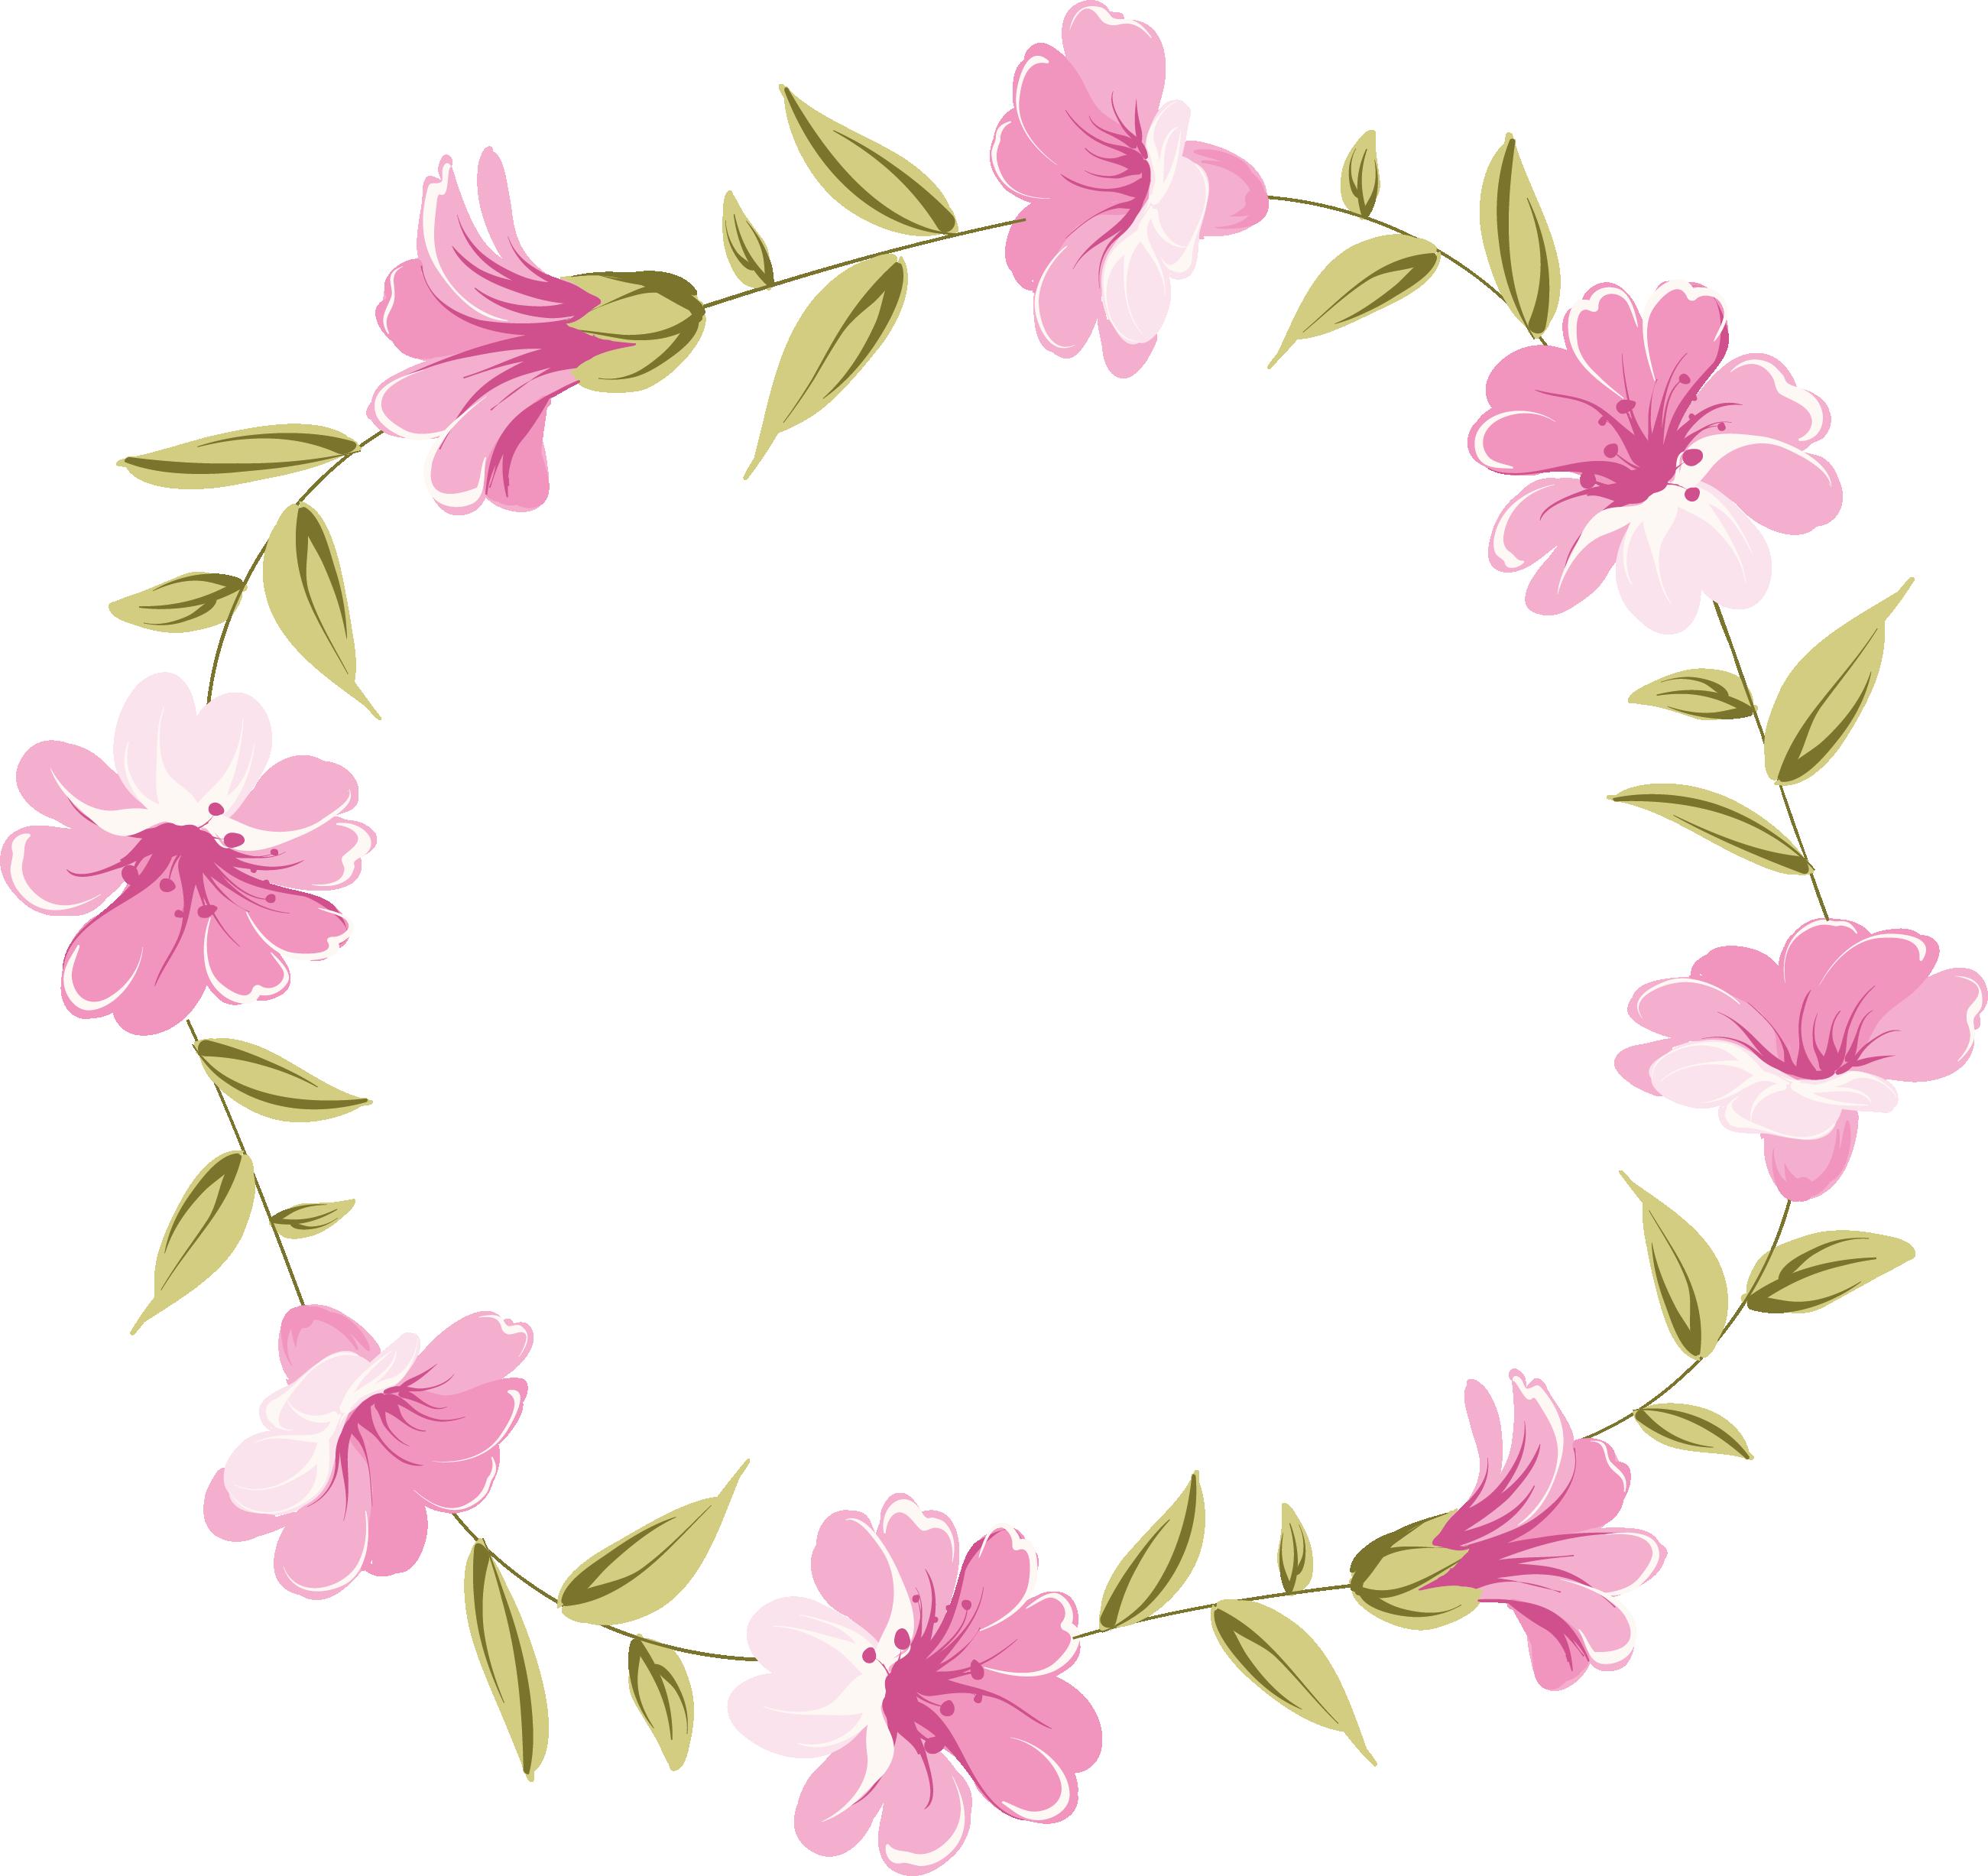 freeuse library Boho clipart boho background. Freedesignfile com floral frame